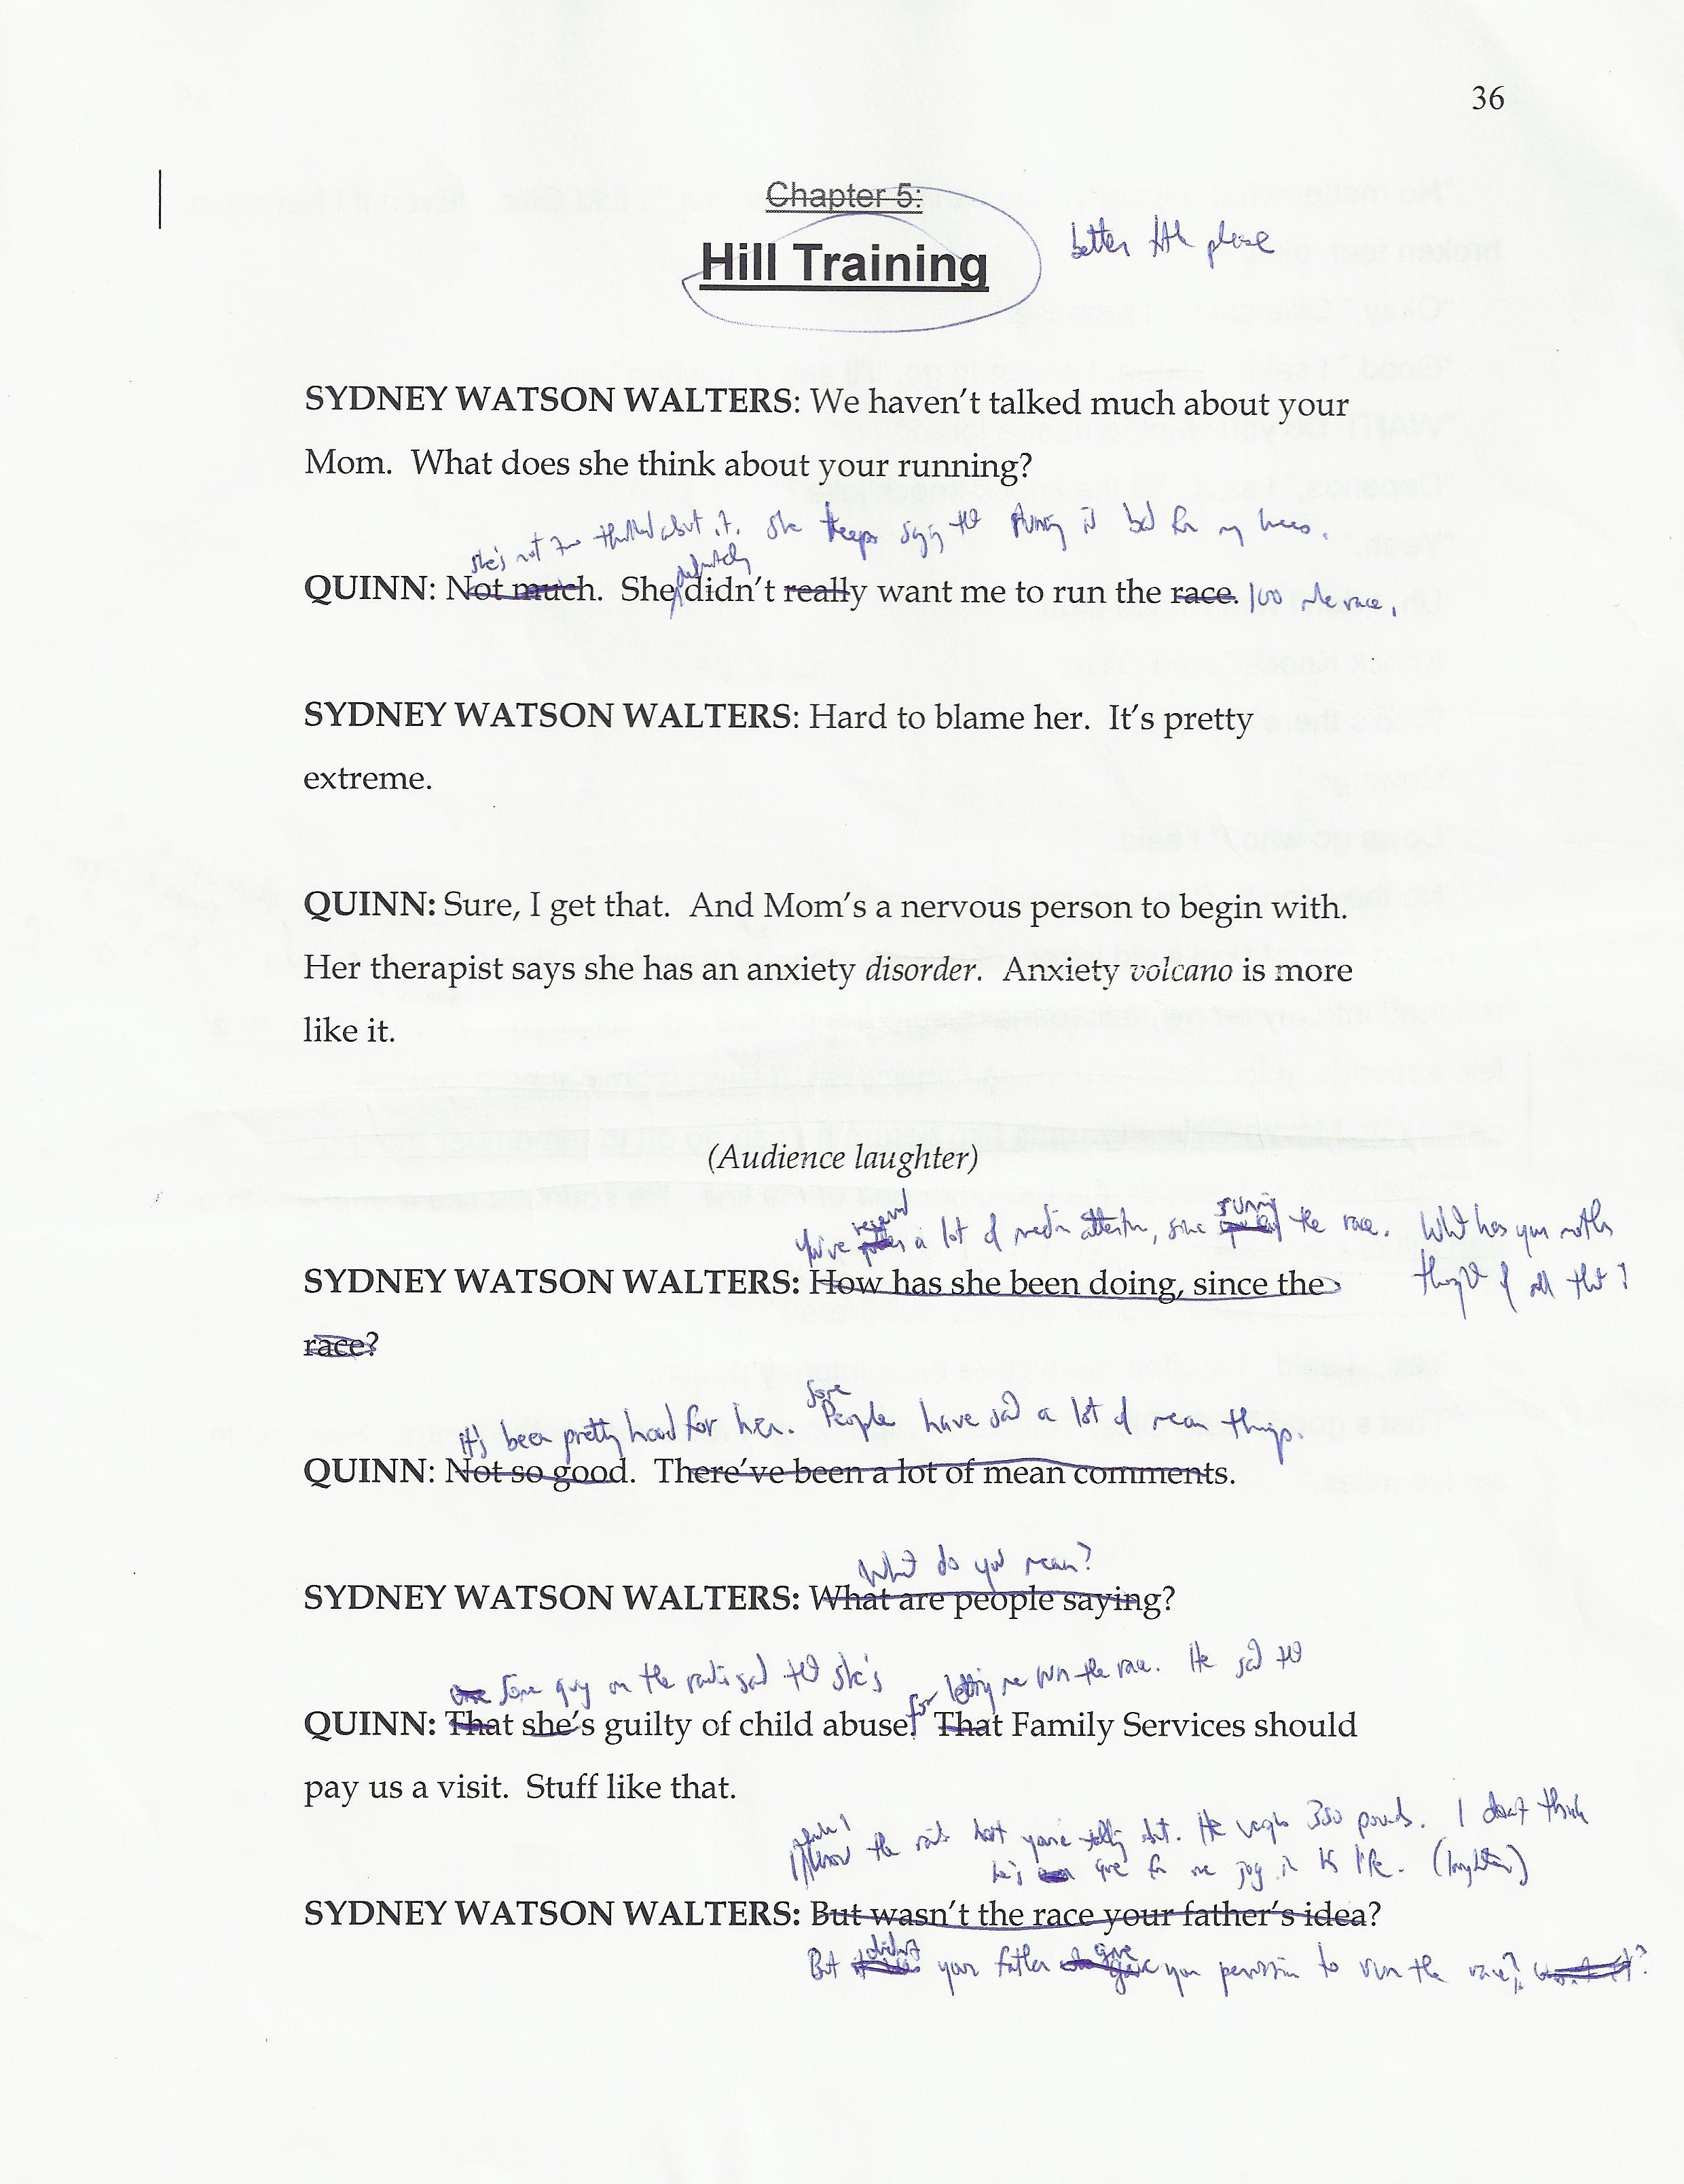 Allan bloom interpretive essay plato picture 2